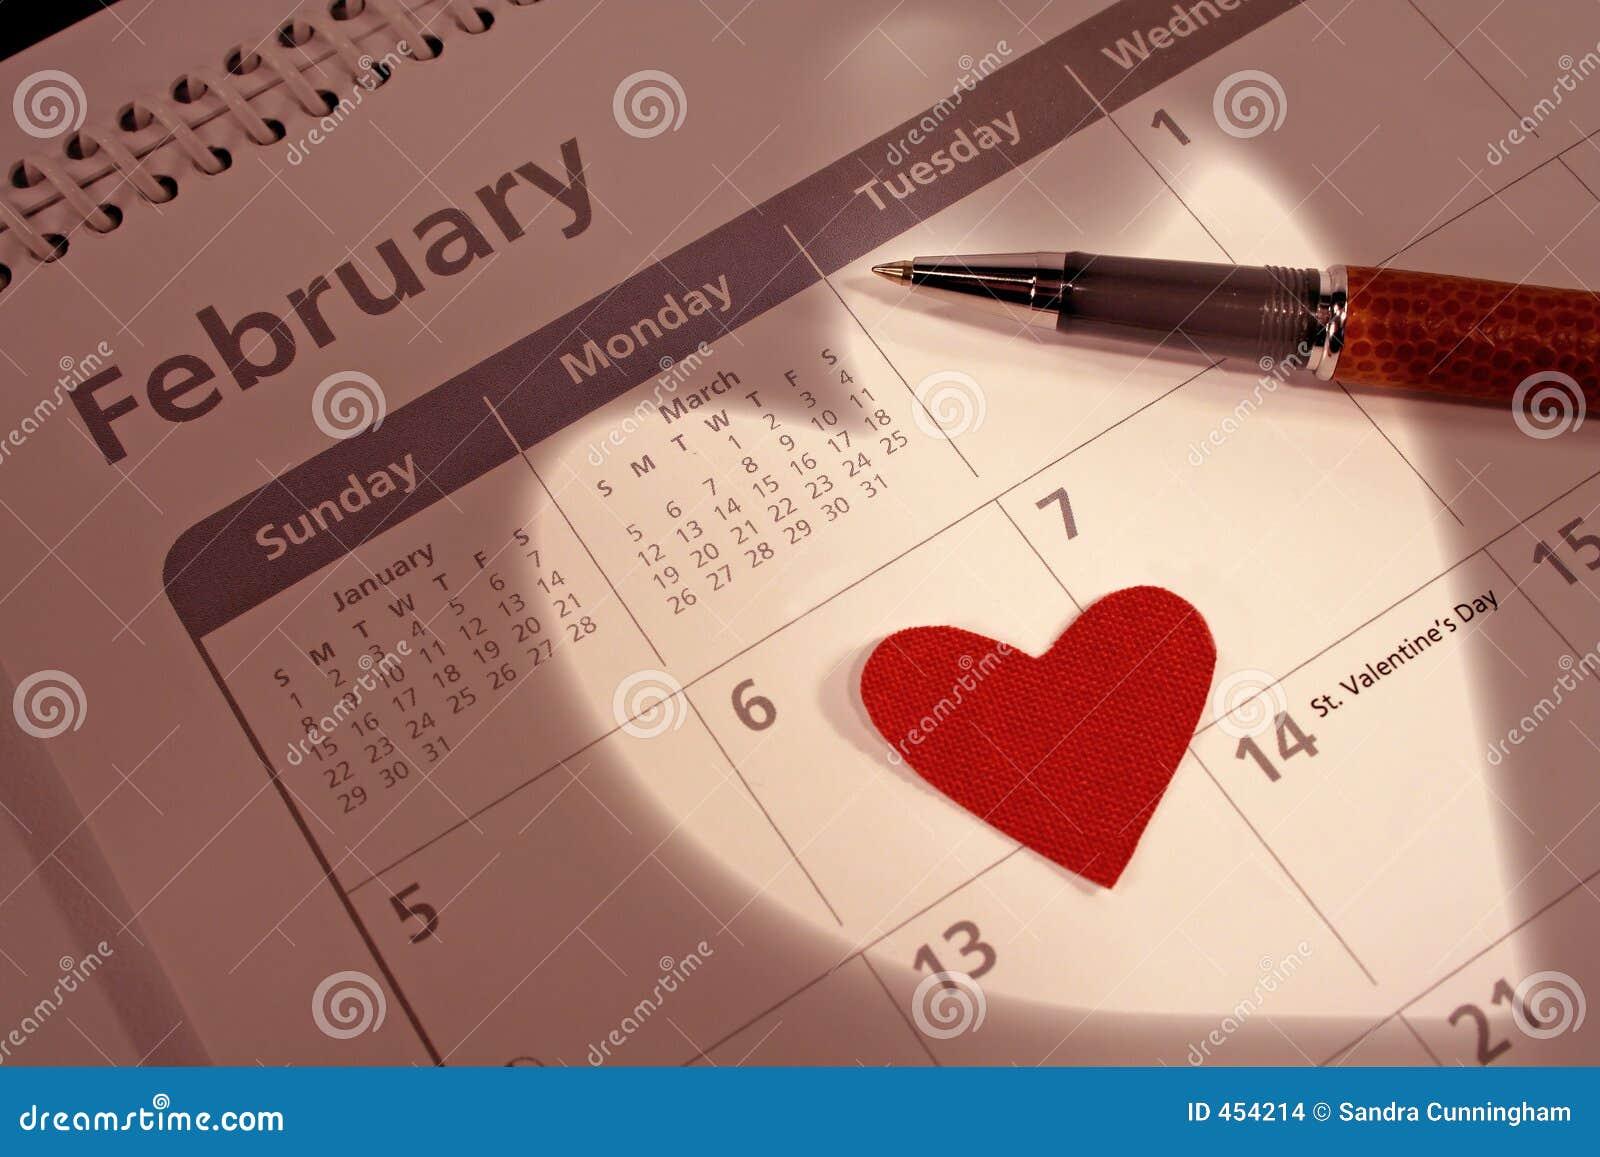 valentines date - Whens Valentines